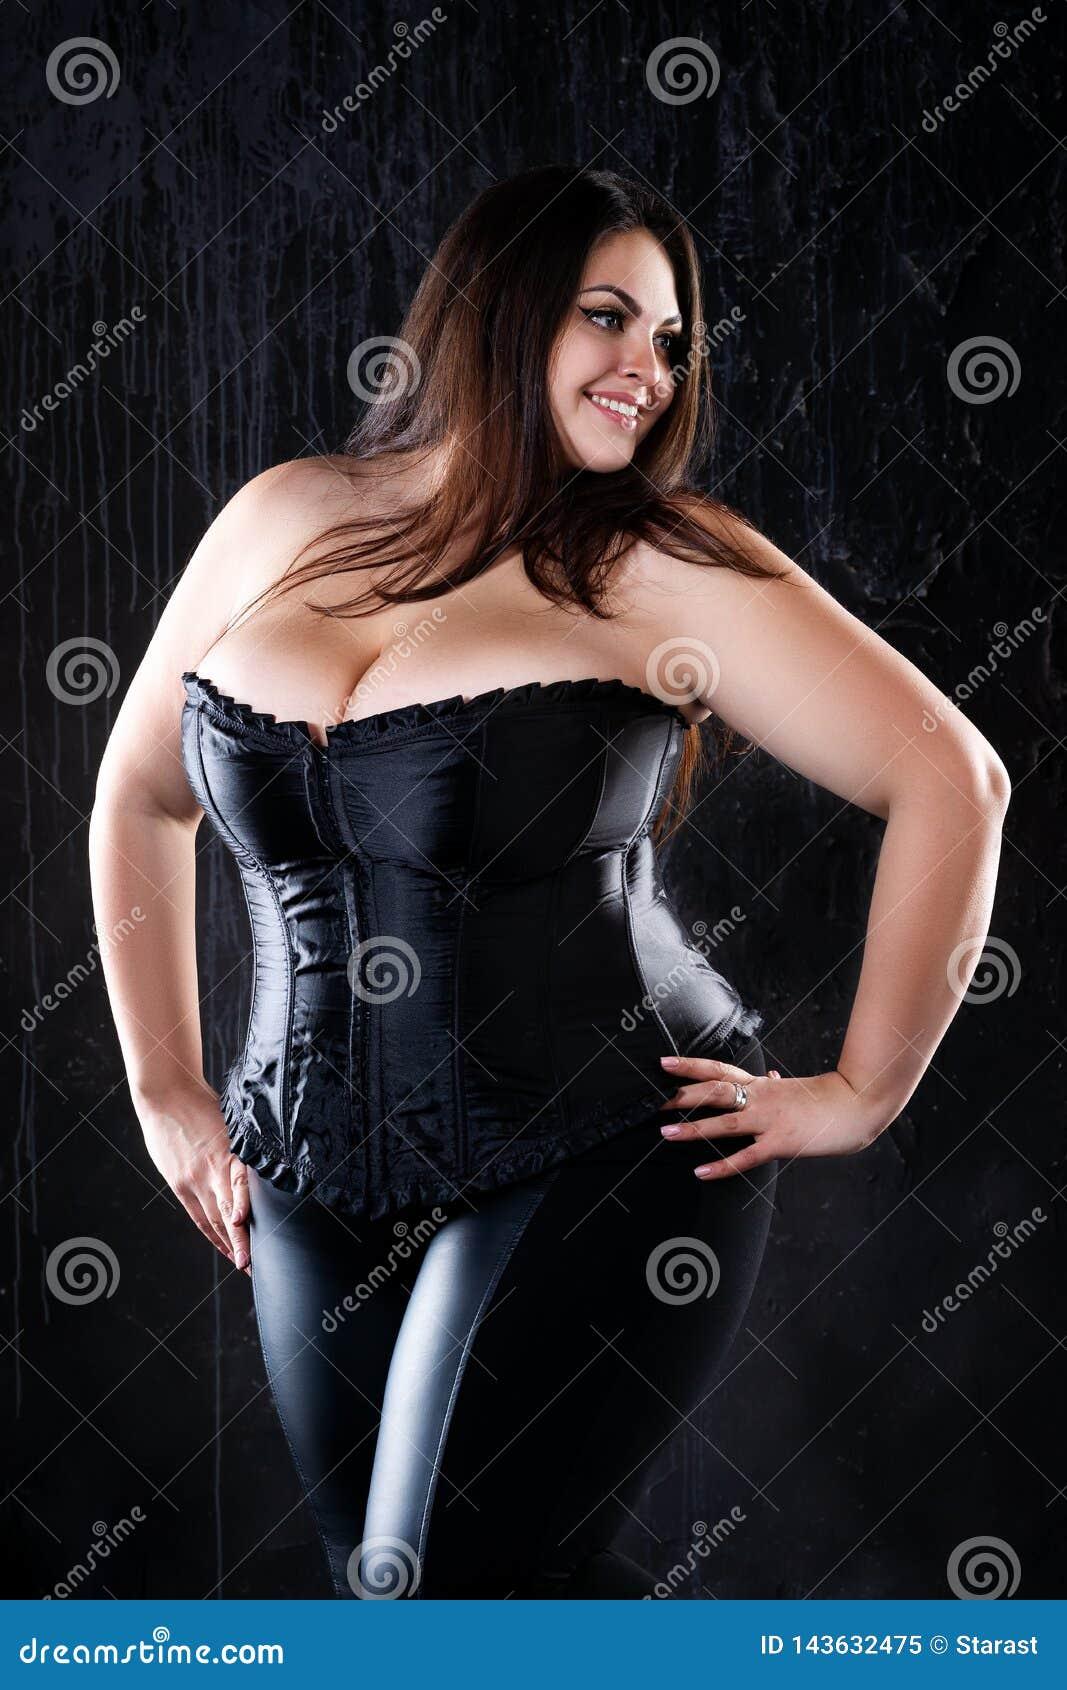 Sexy breast fat woman nipples